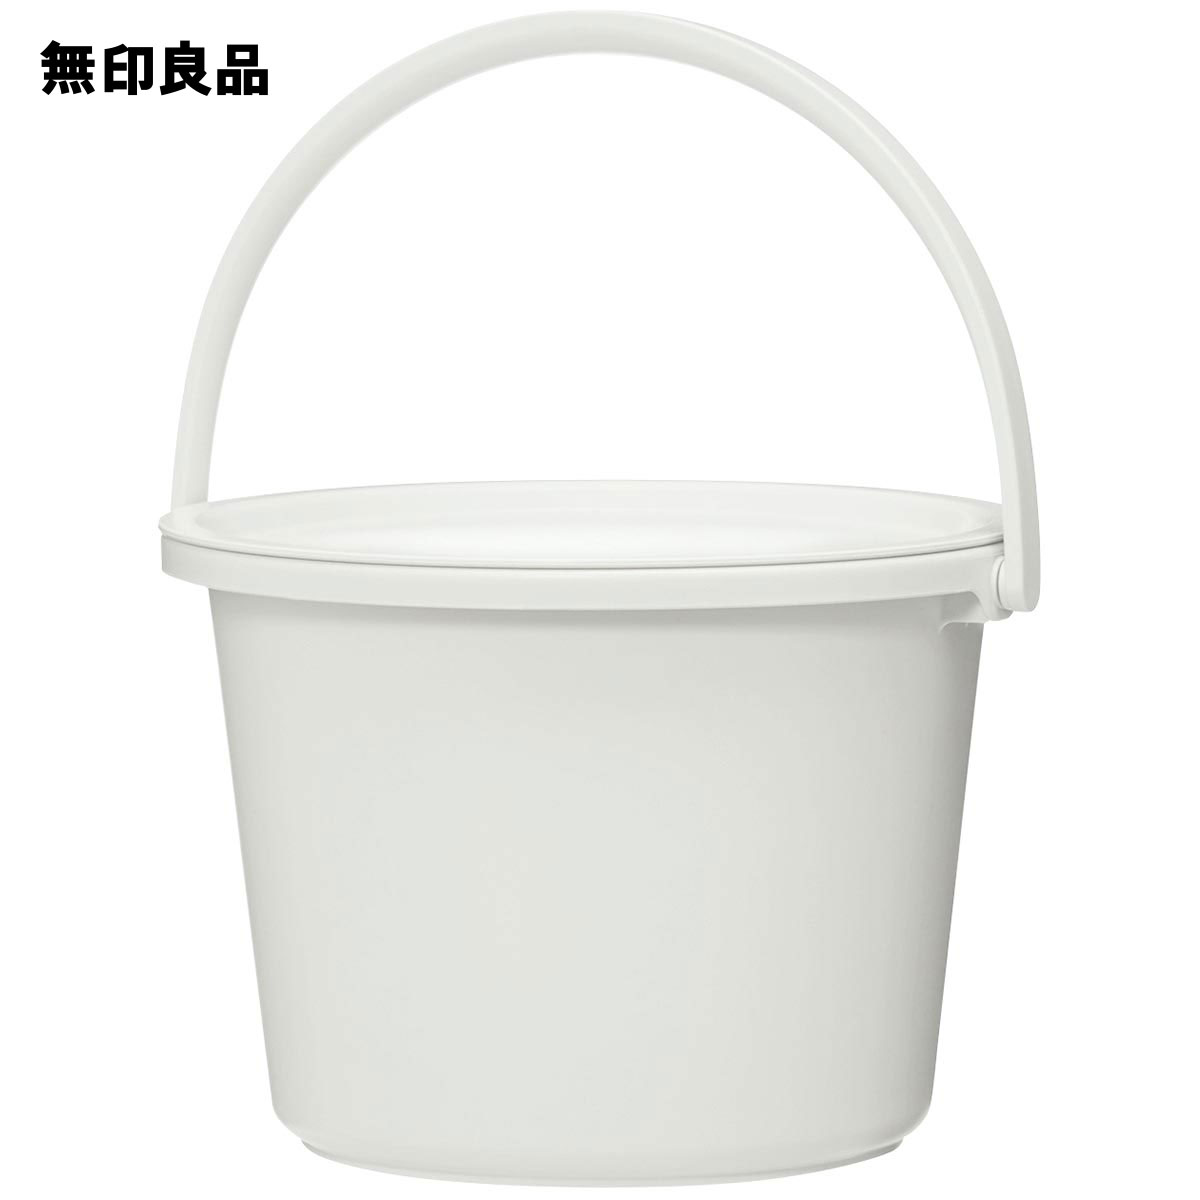 ポリプロピレンバケツ・フタ付(7.5L)